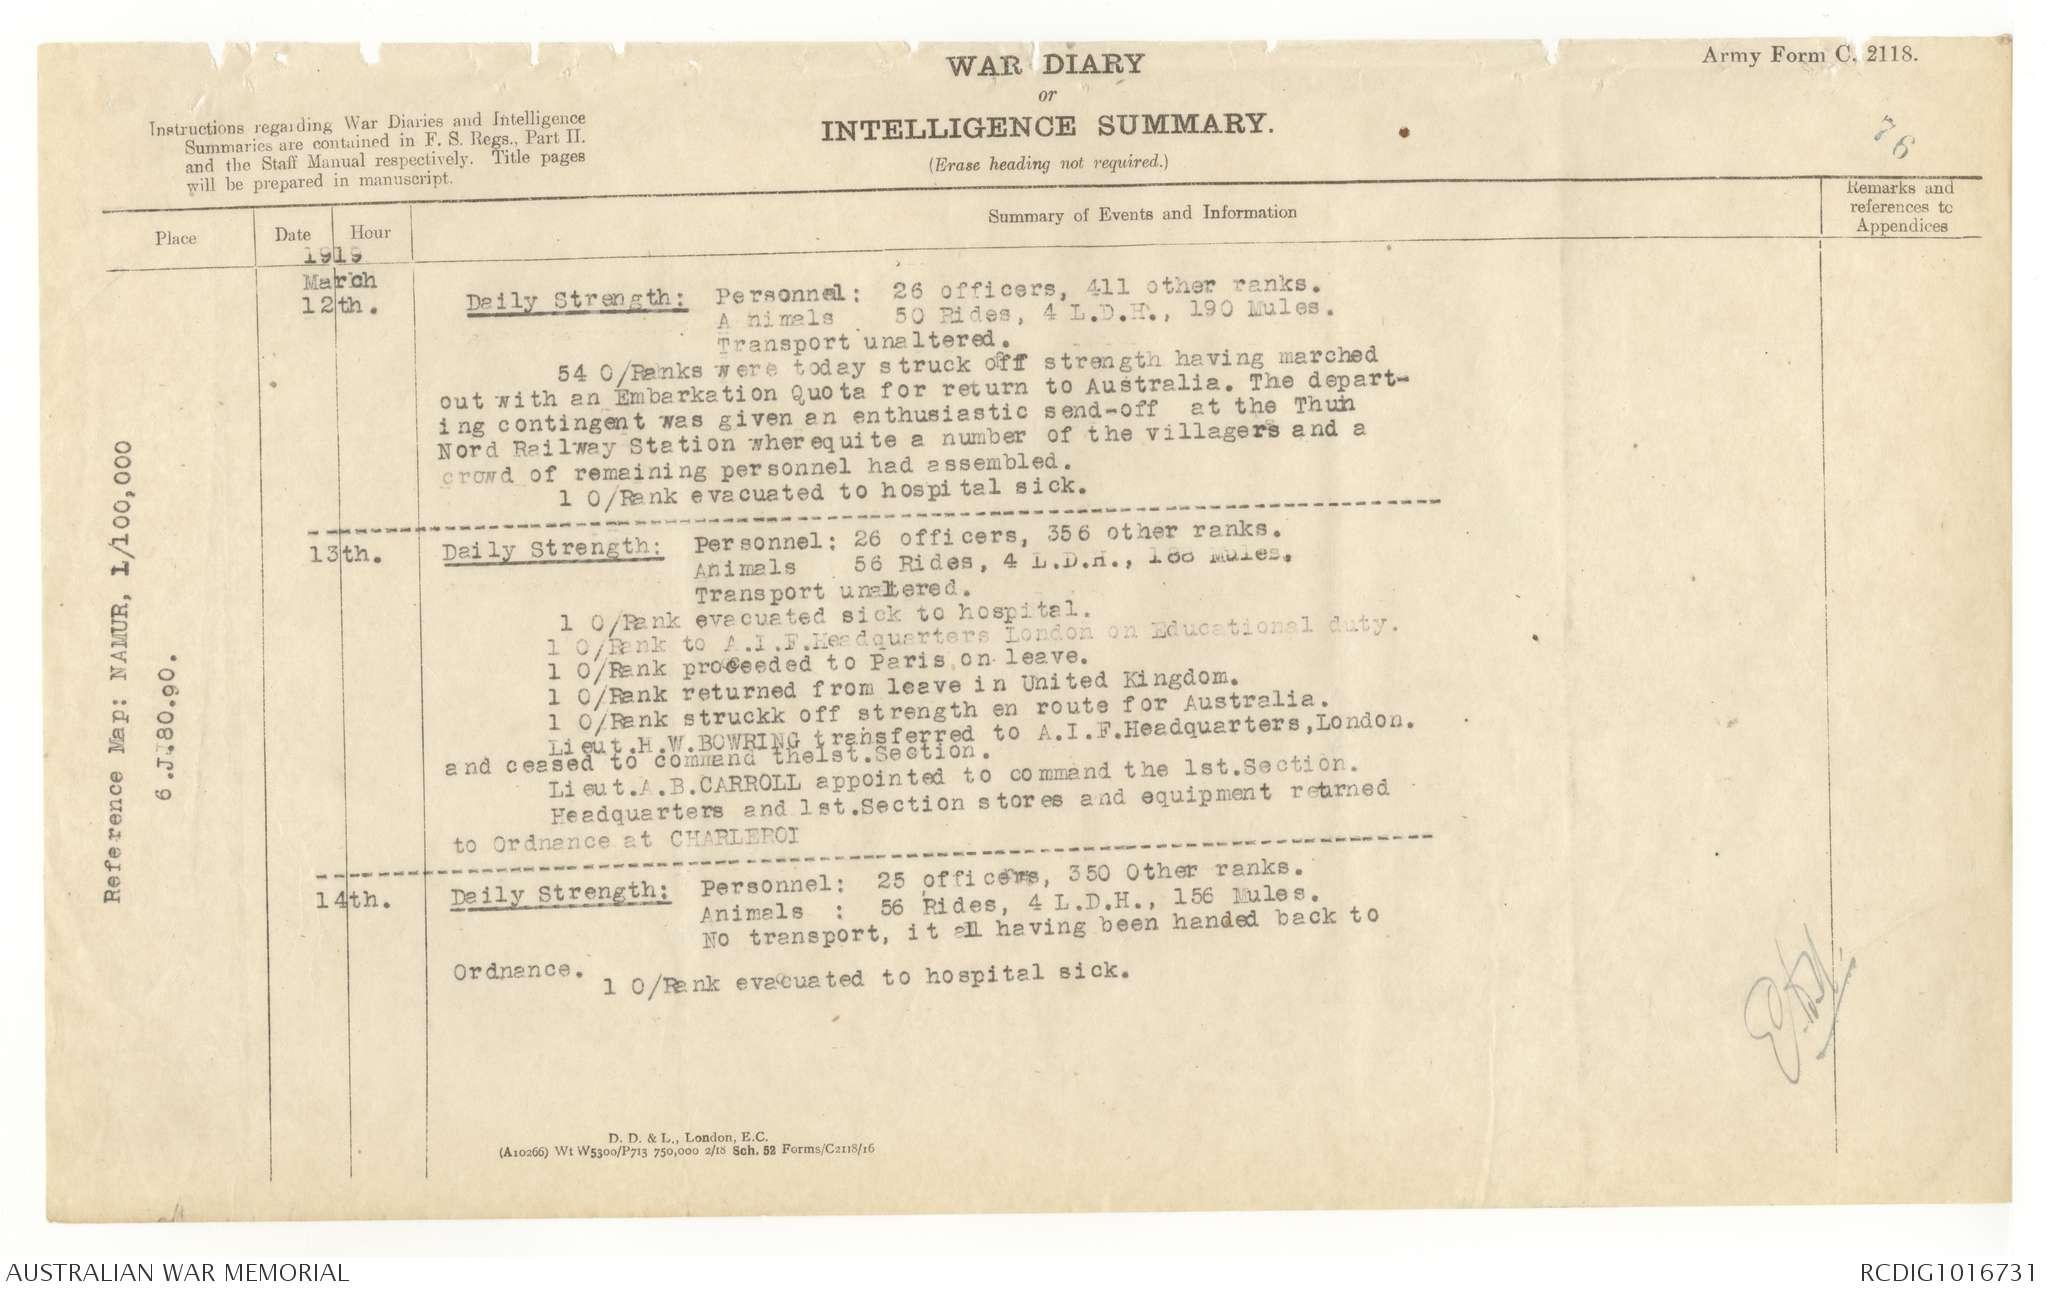 AWM4 13/75/36 - March 1919 | The Australian War Memorial